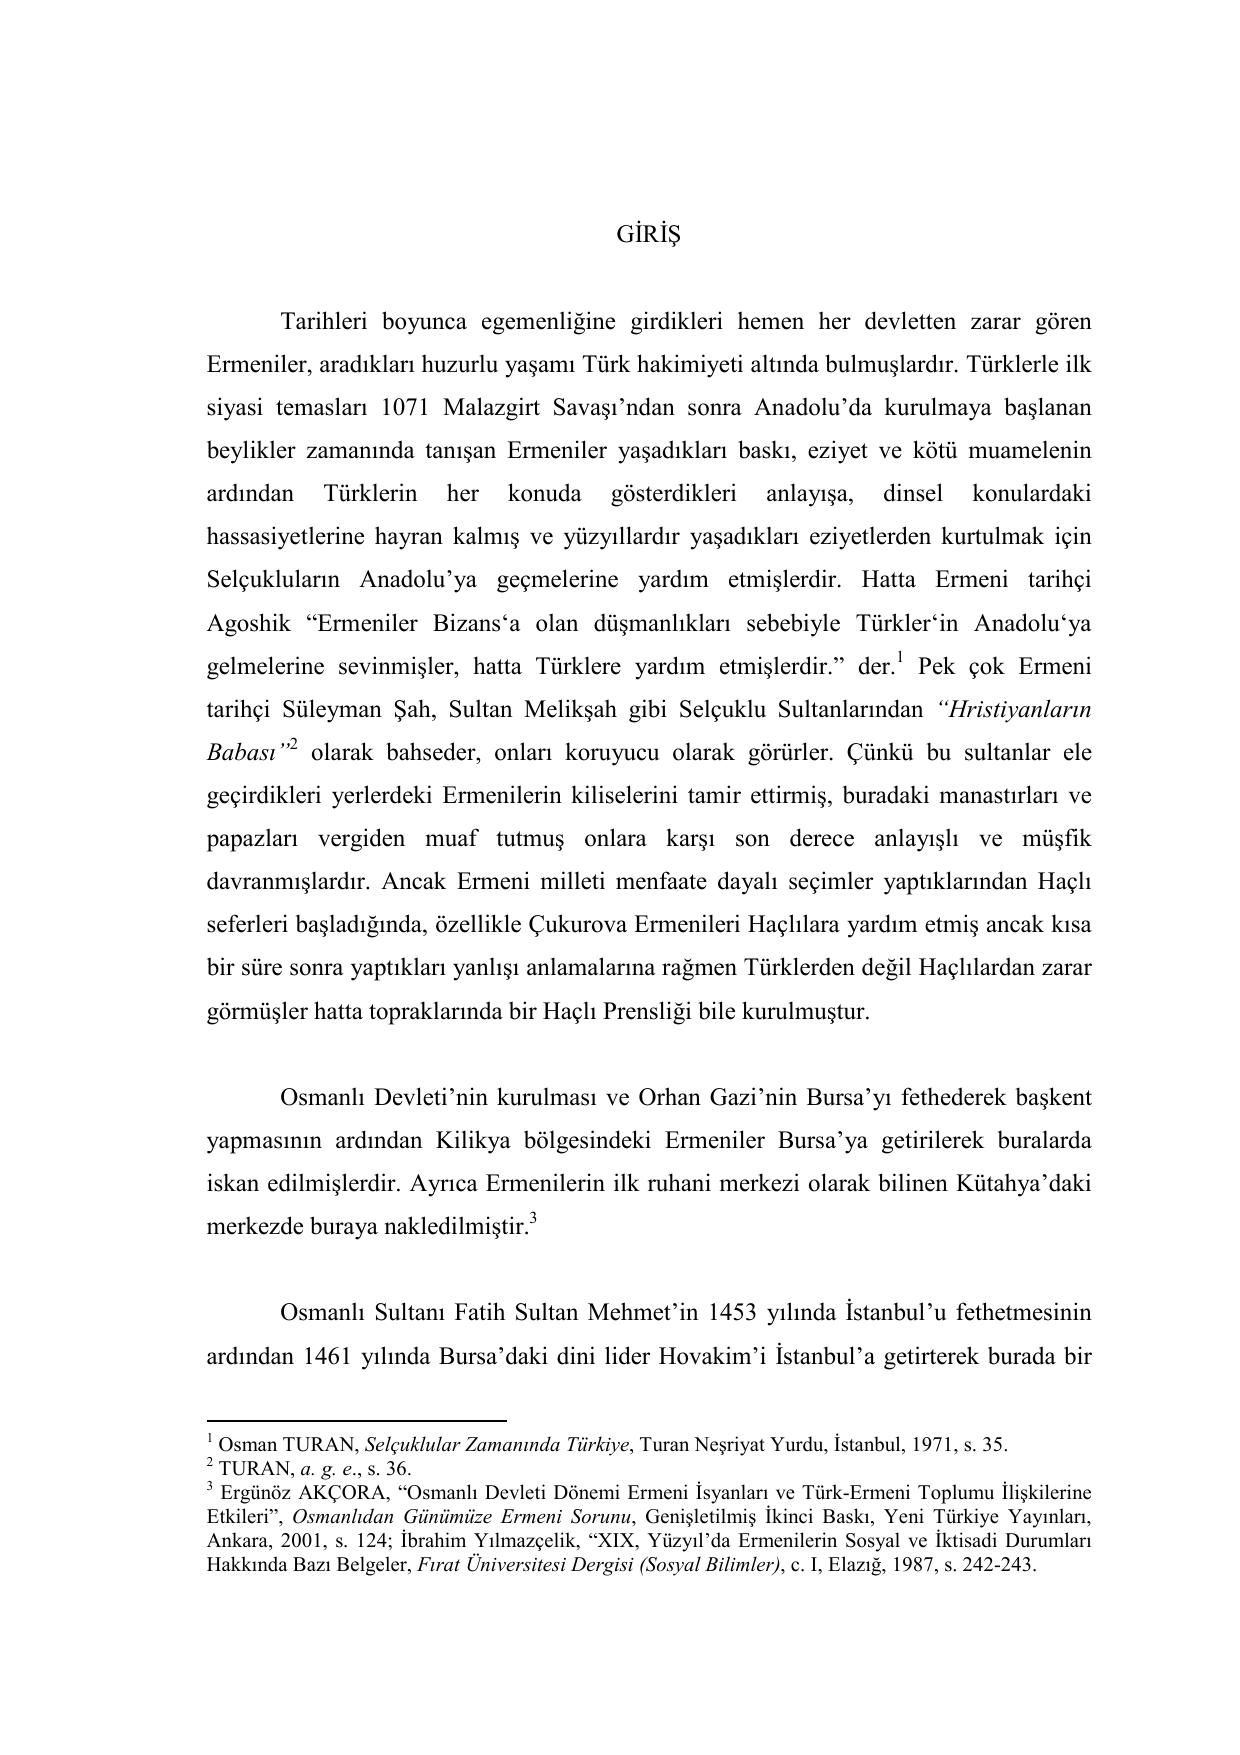 FA Abramov Pelagia: hikayenin özetini, çizimini ve ana karakterlerini 35